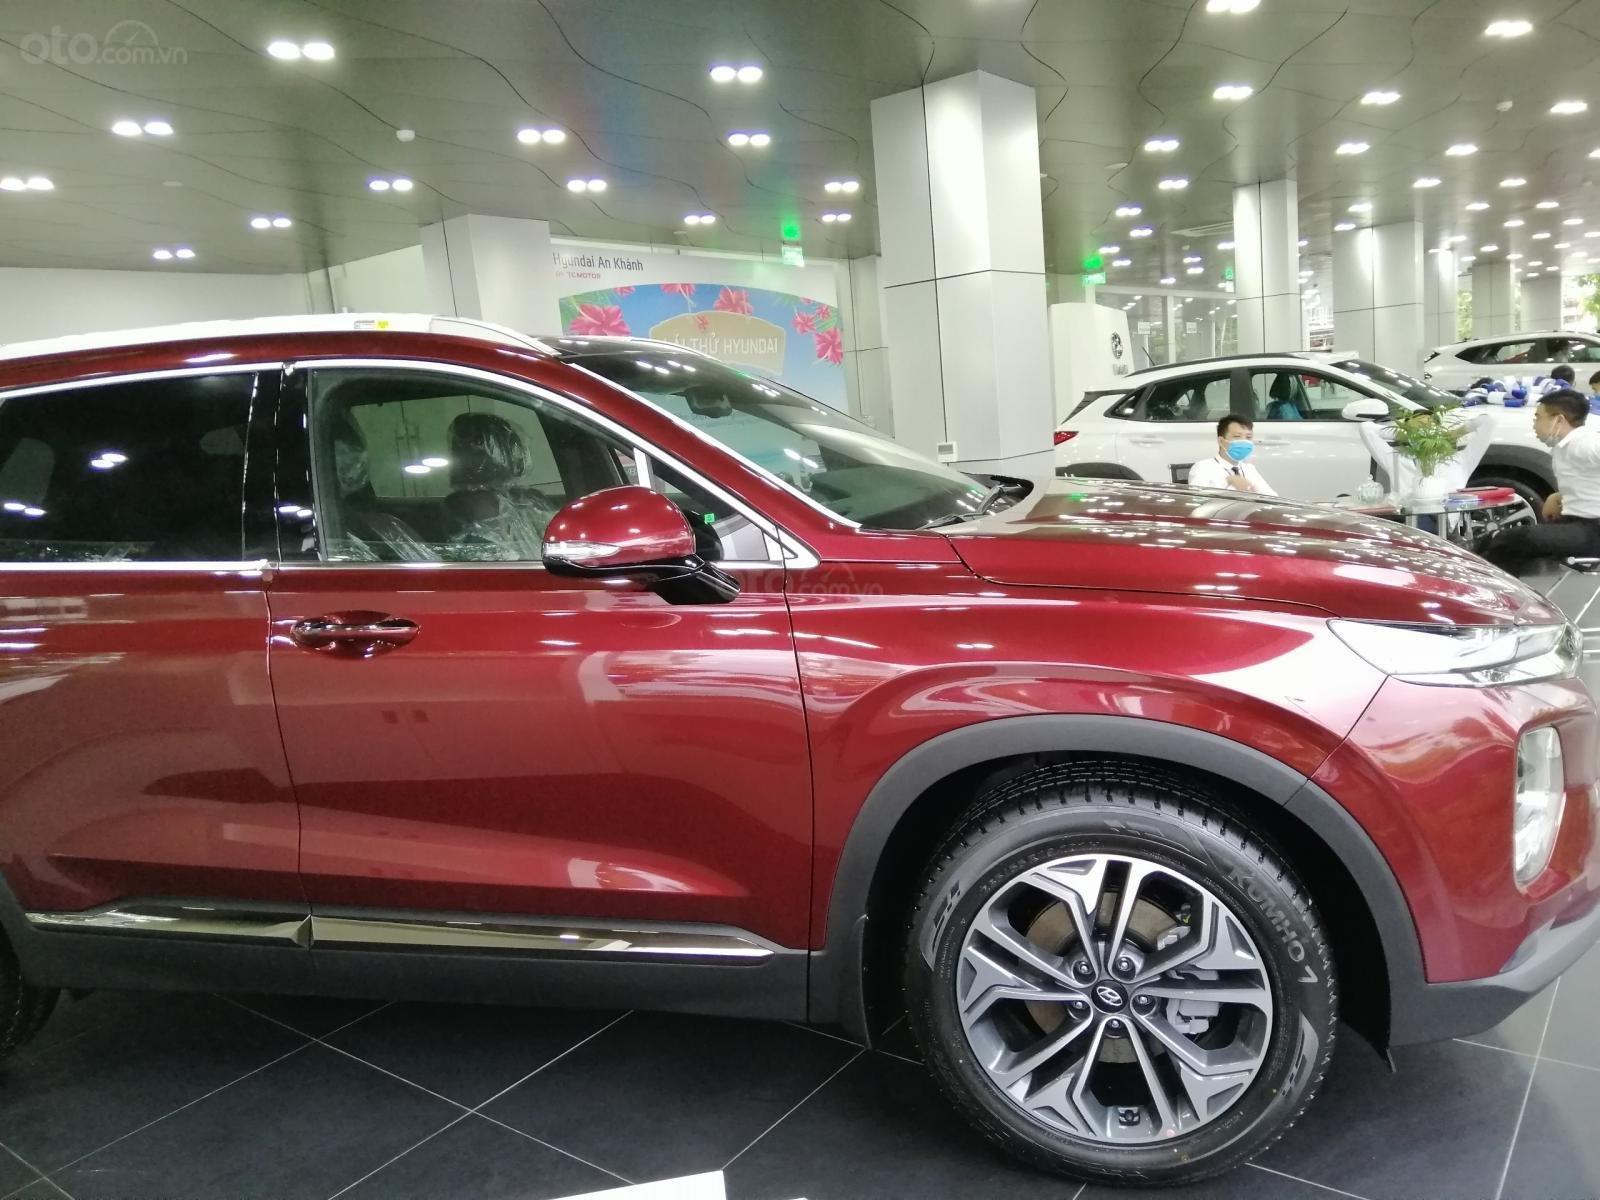 Bán Hyundai Santa Fe số tự động bản dầu cao cấp, sẵn xe, sẵn màu giao ngay, giá tốt nhất miền Bắc (6)